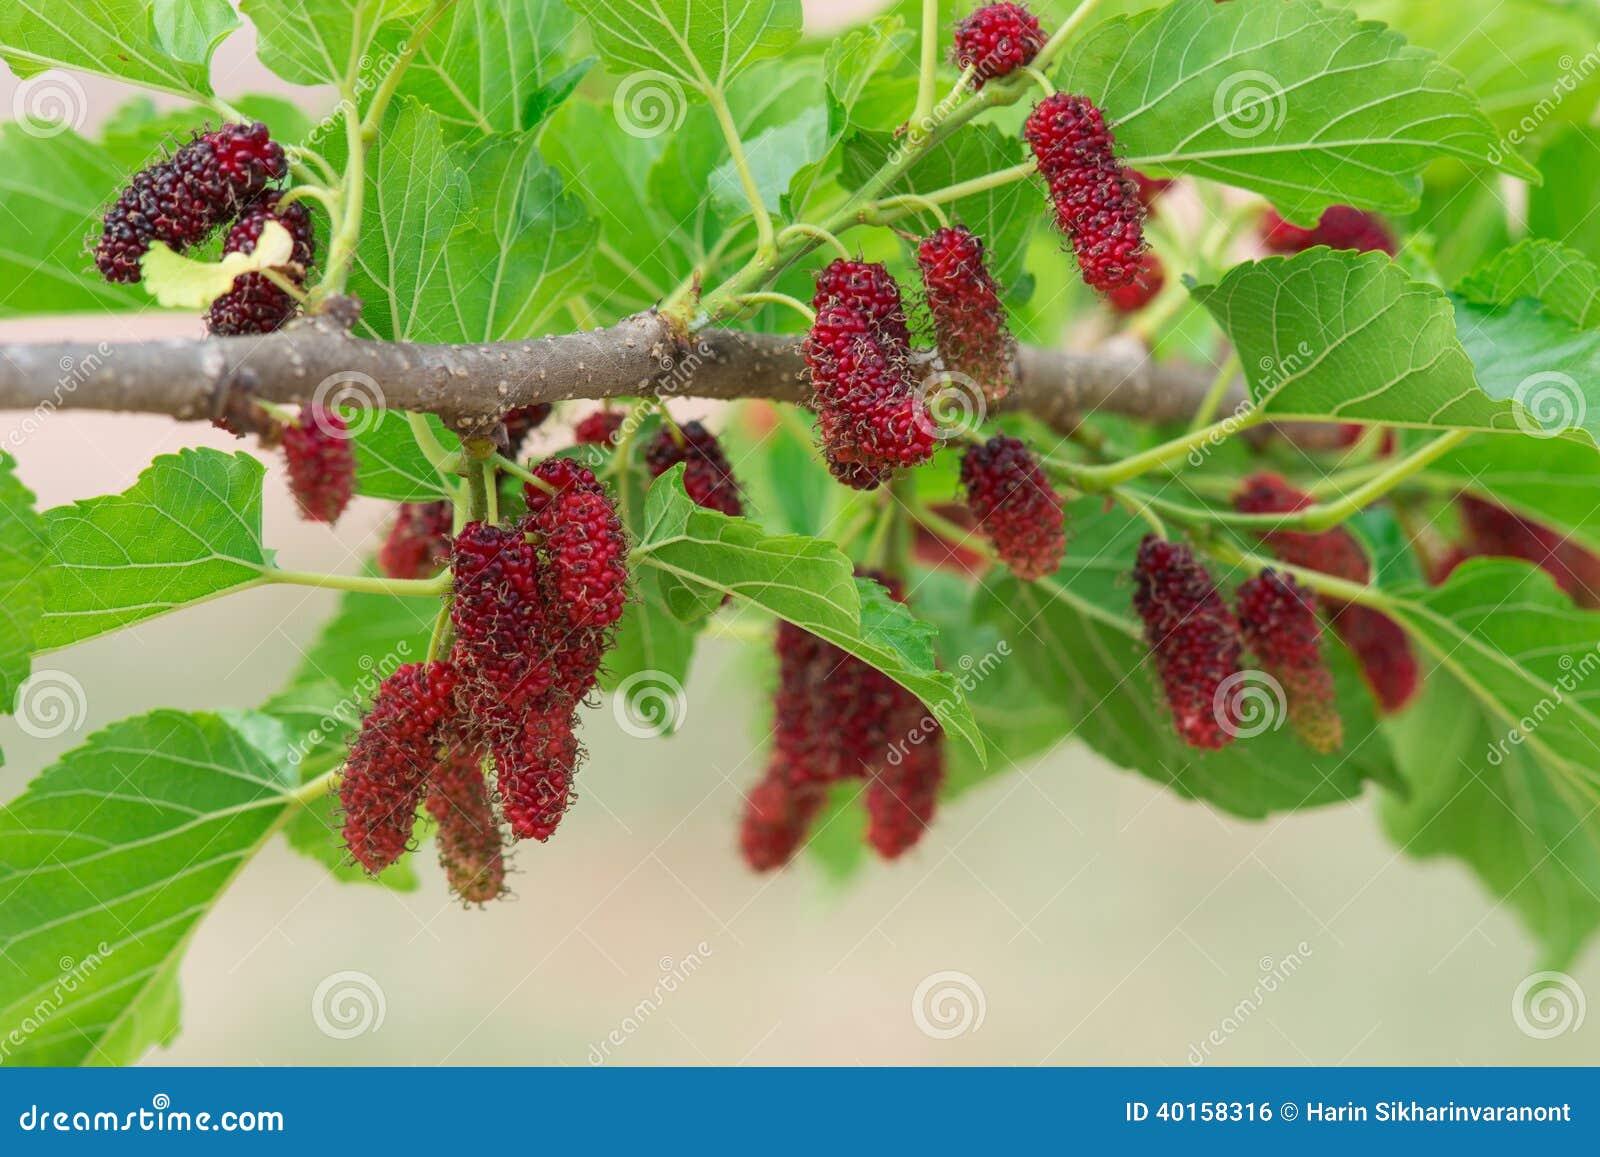 amoreira fresca na árvore fruto de baga na natureza galho da amoreira